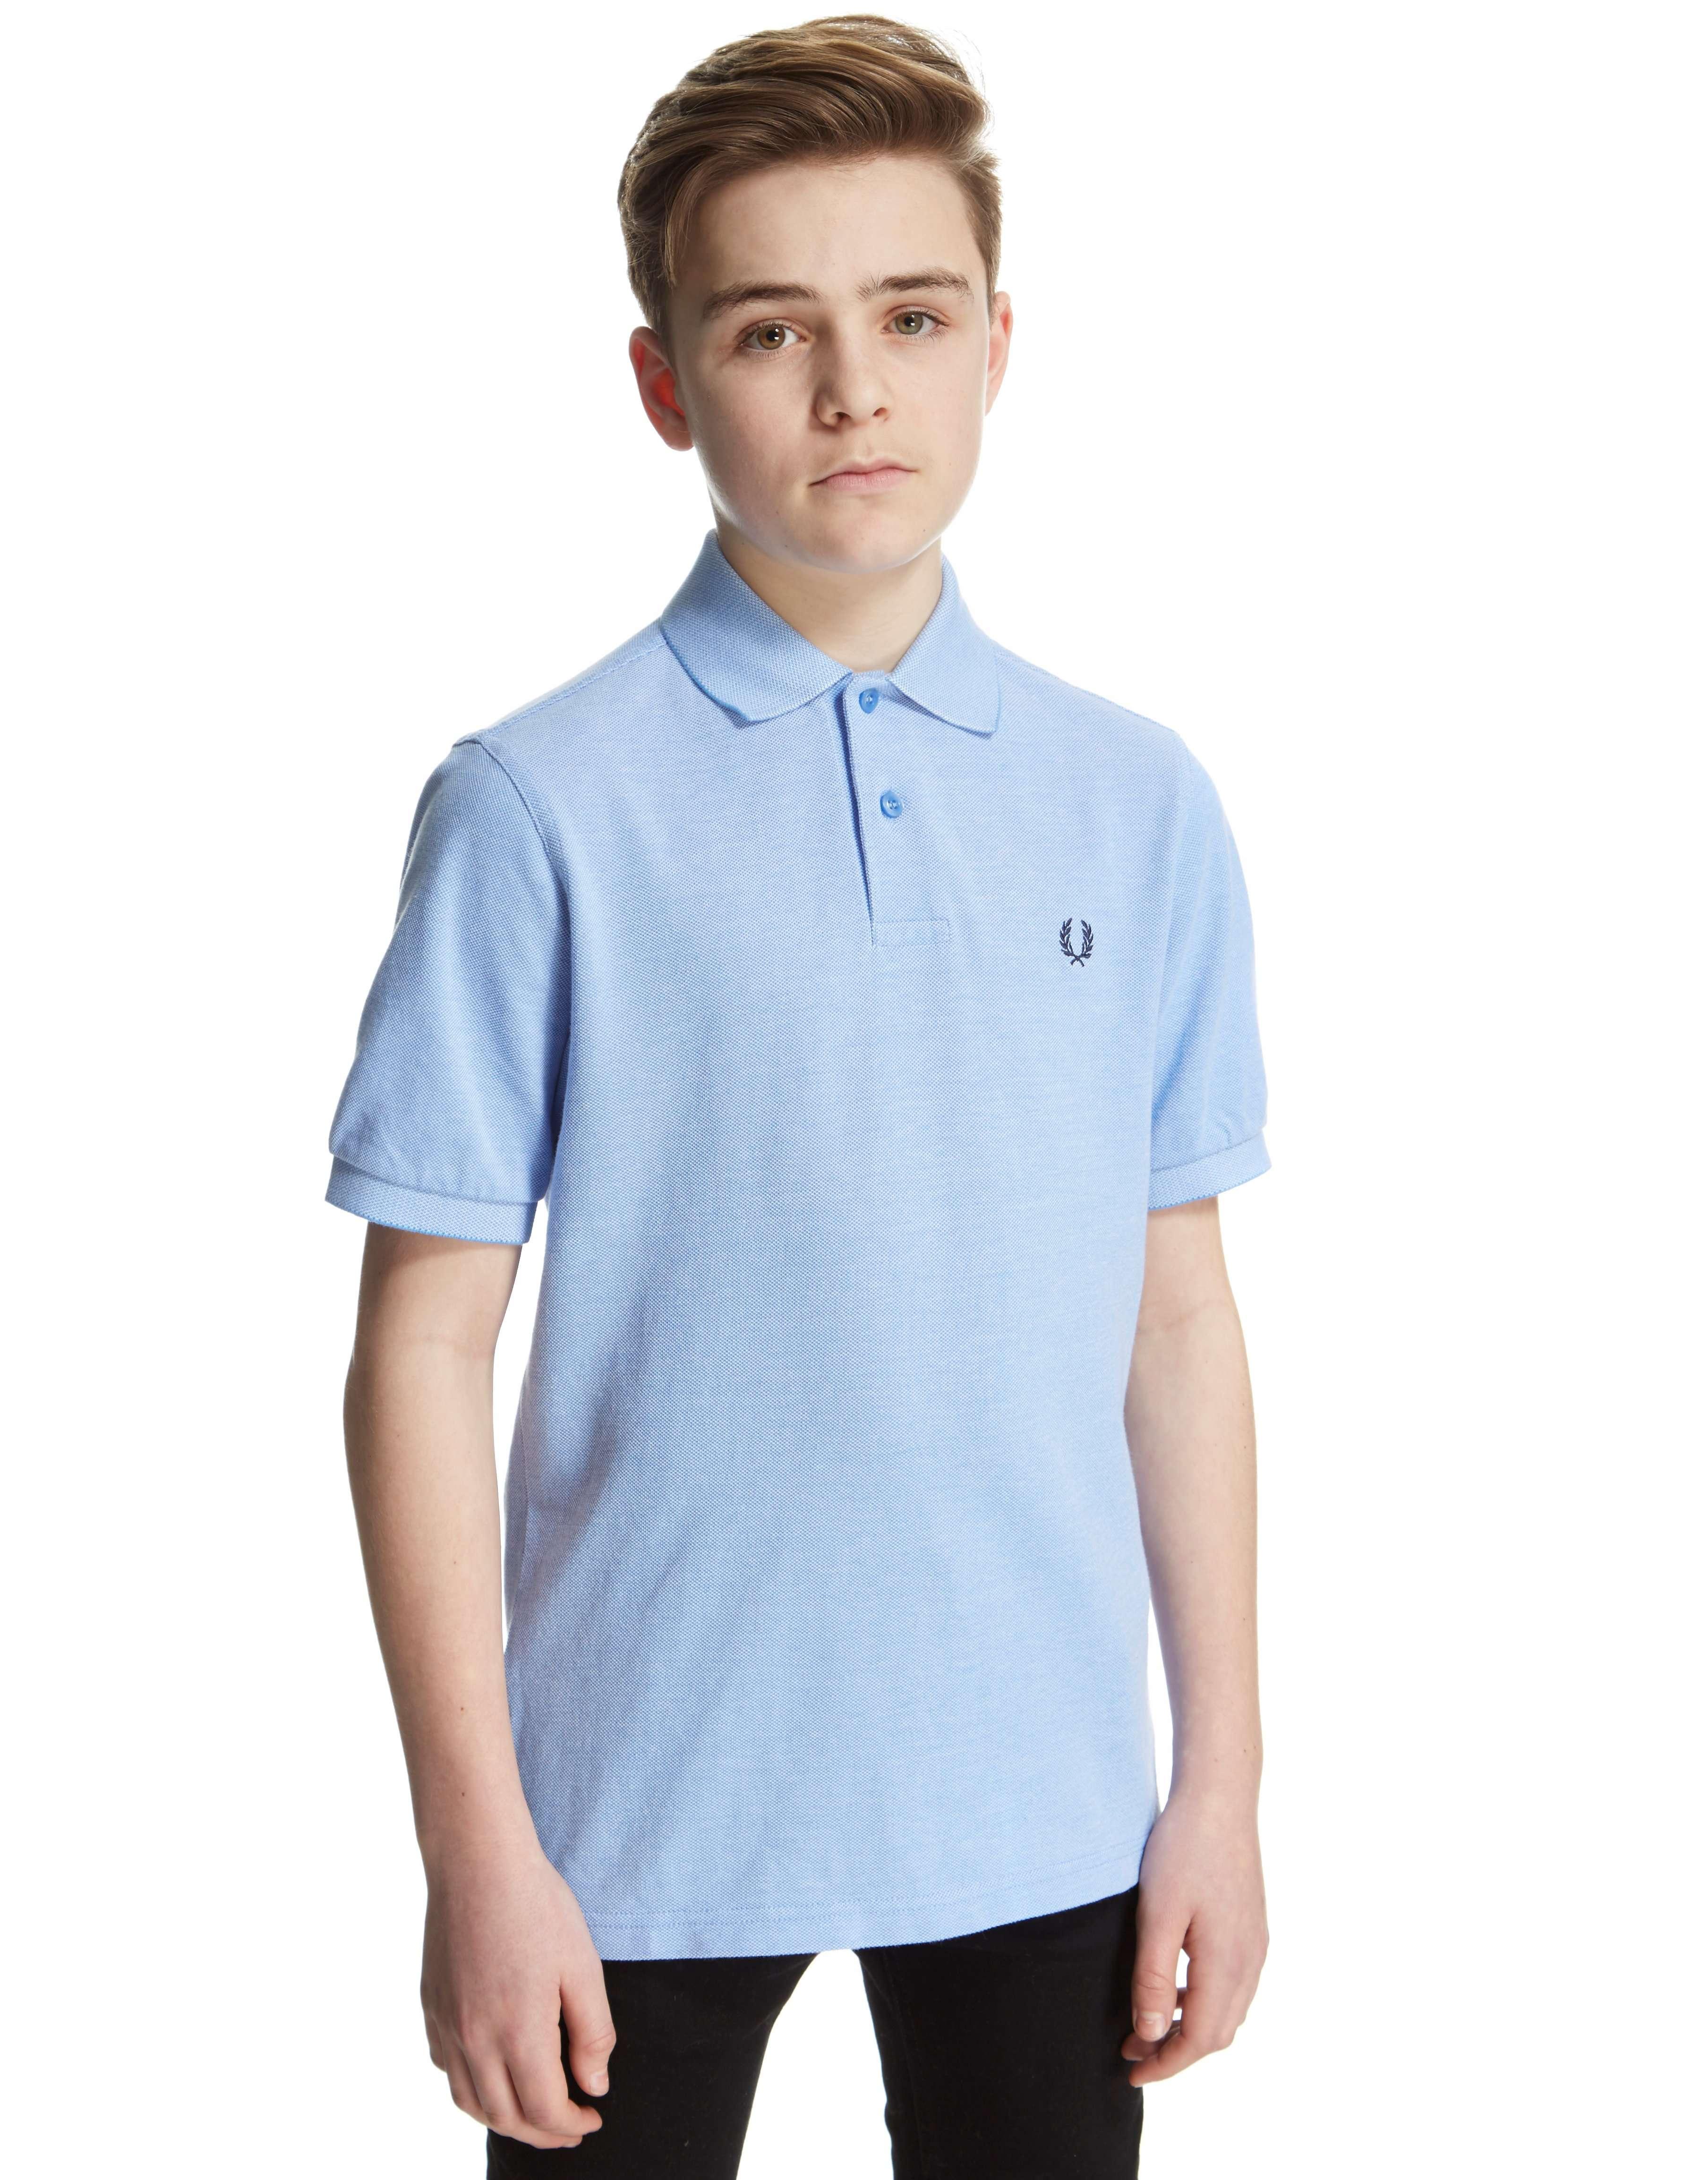 1012Y 1213Y 1315Y 810Y 057693. fred perry plain polo shirt junior